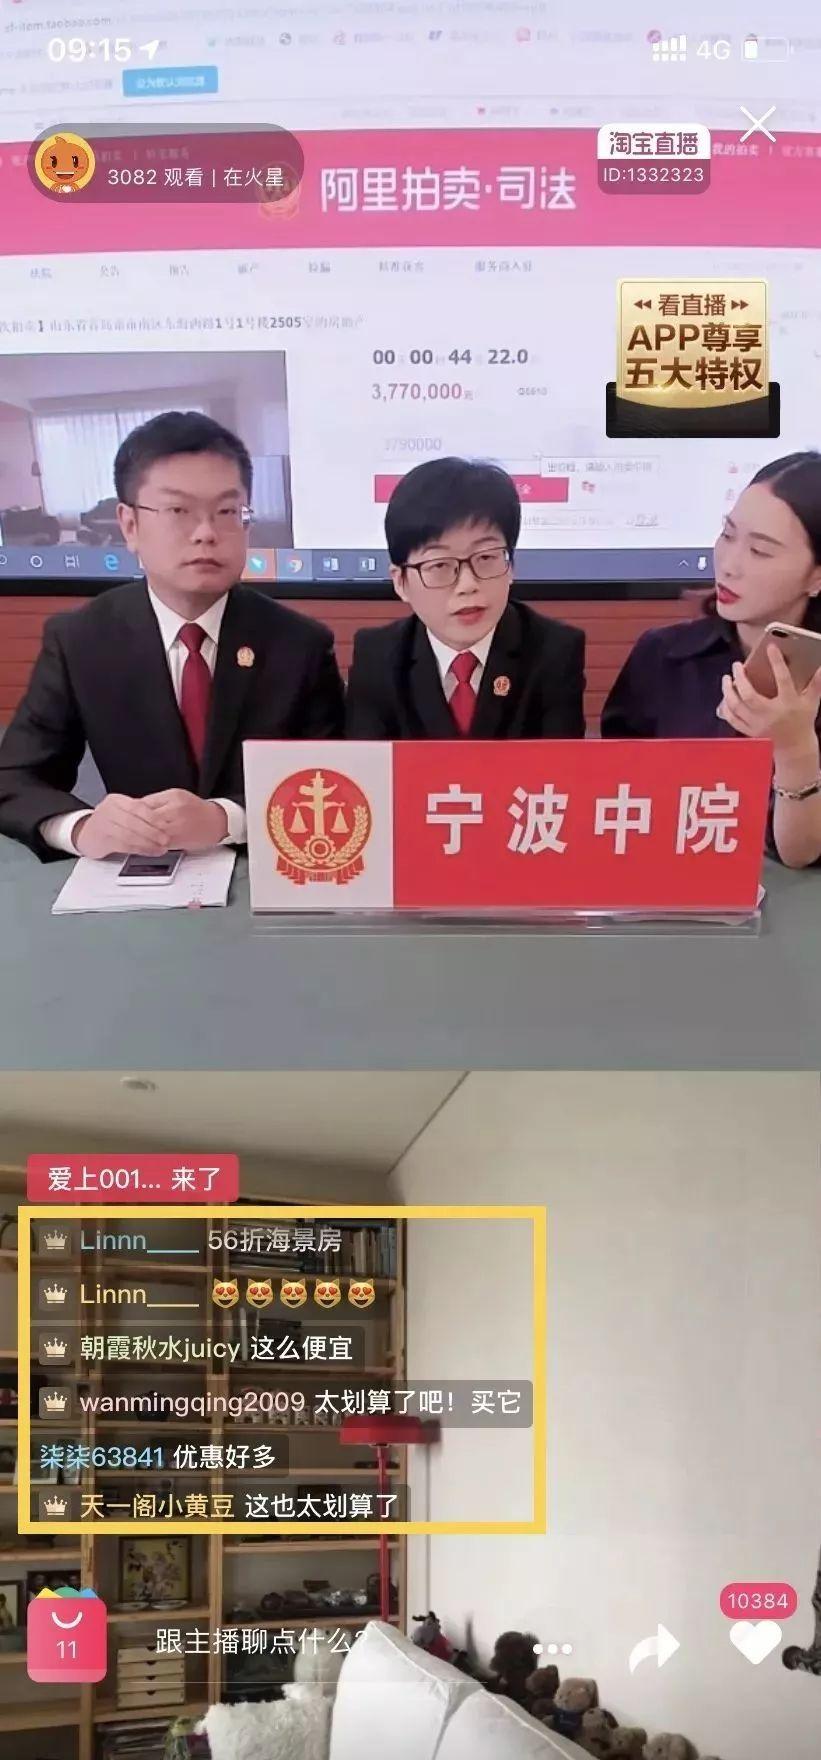 """网店代运营效果如何:双十二宁波法官直播""""带货""""青岛海景房!竞价64次成功"""